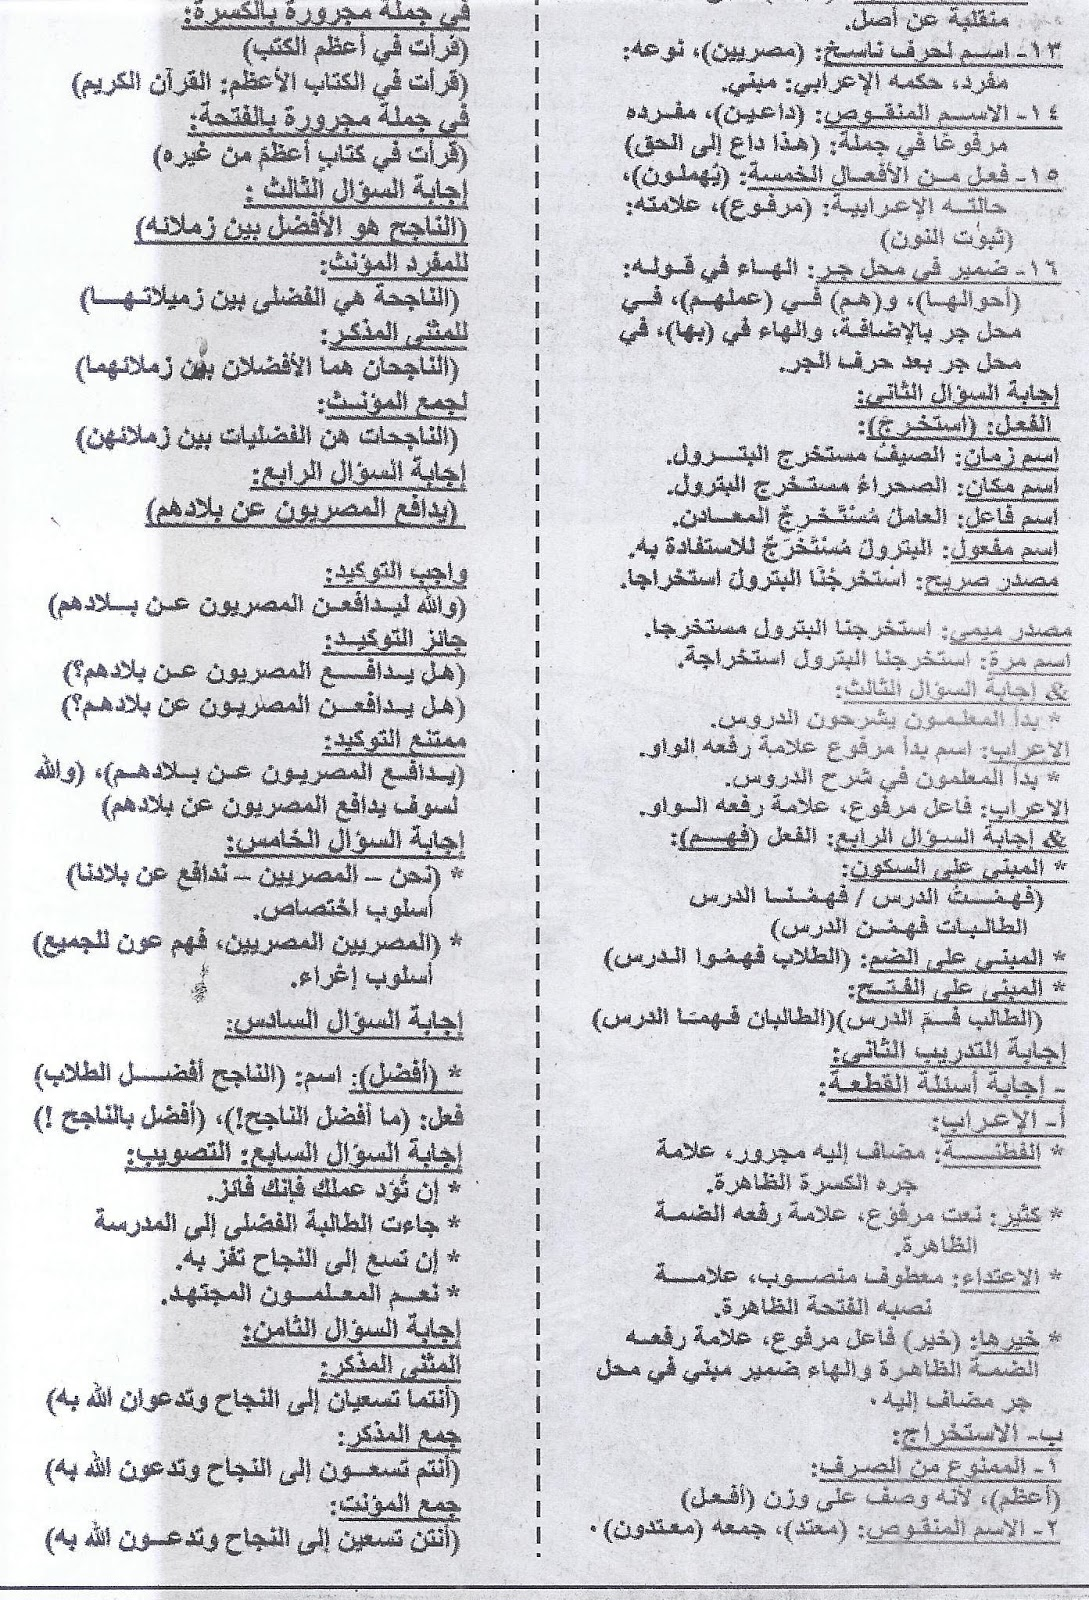 ملحق الجمهورية .. ينشر المراجعة الاخيرة لغة عربية للثانوية العامة 2016 19